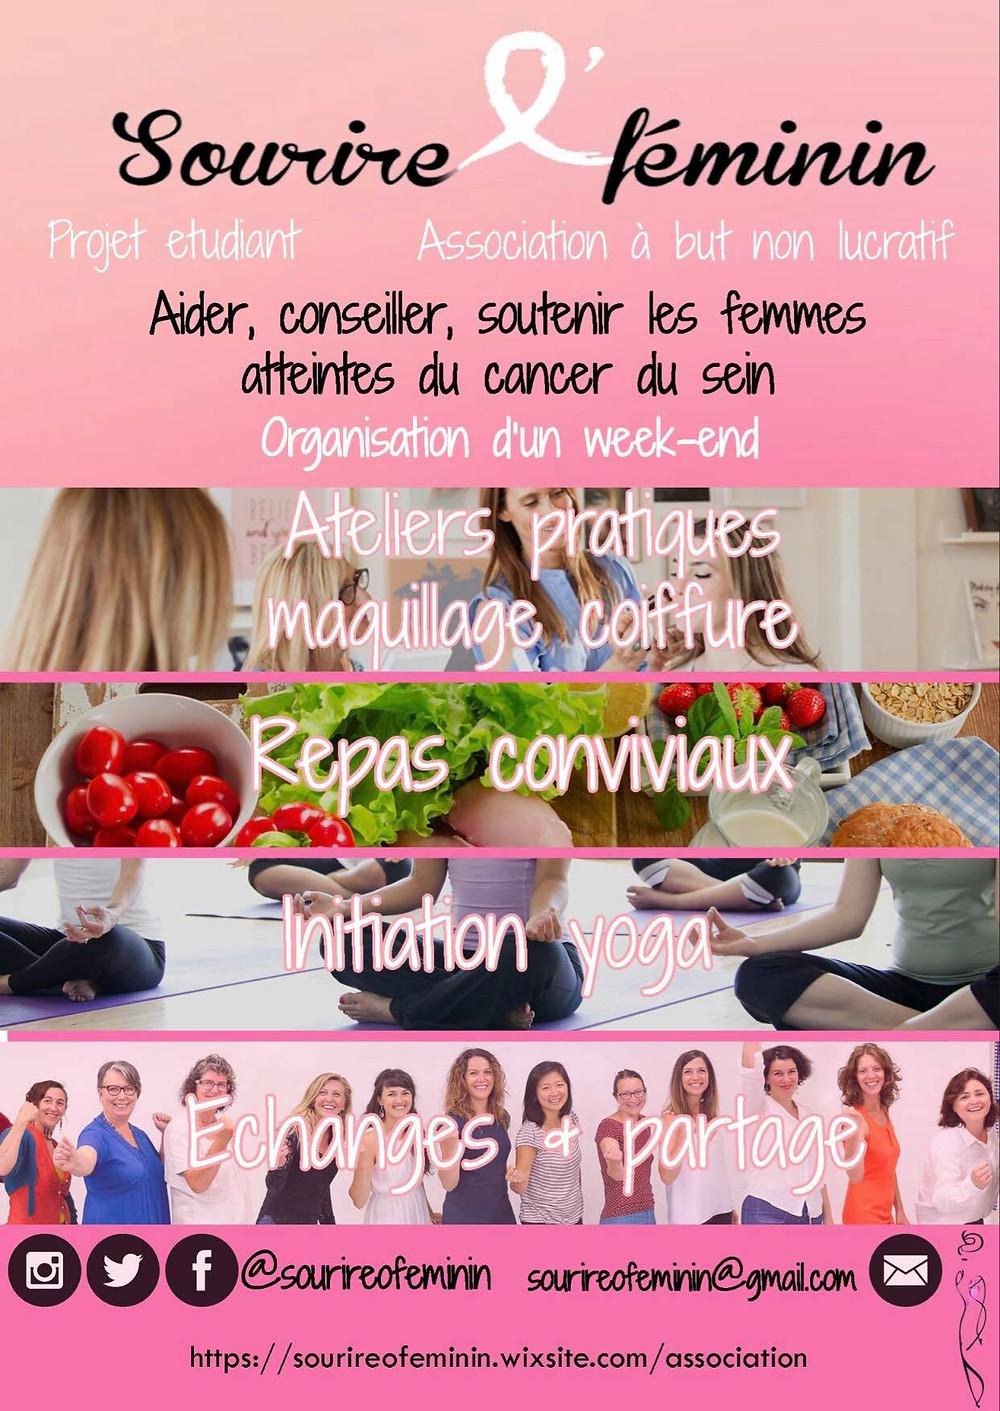 association, cancer du sein, sourireofeminin, prendre soin de soi, soutien